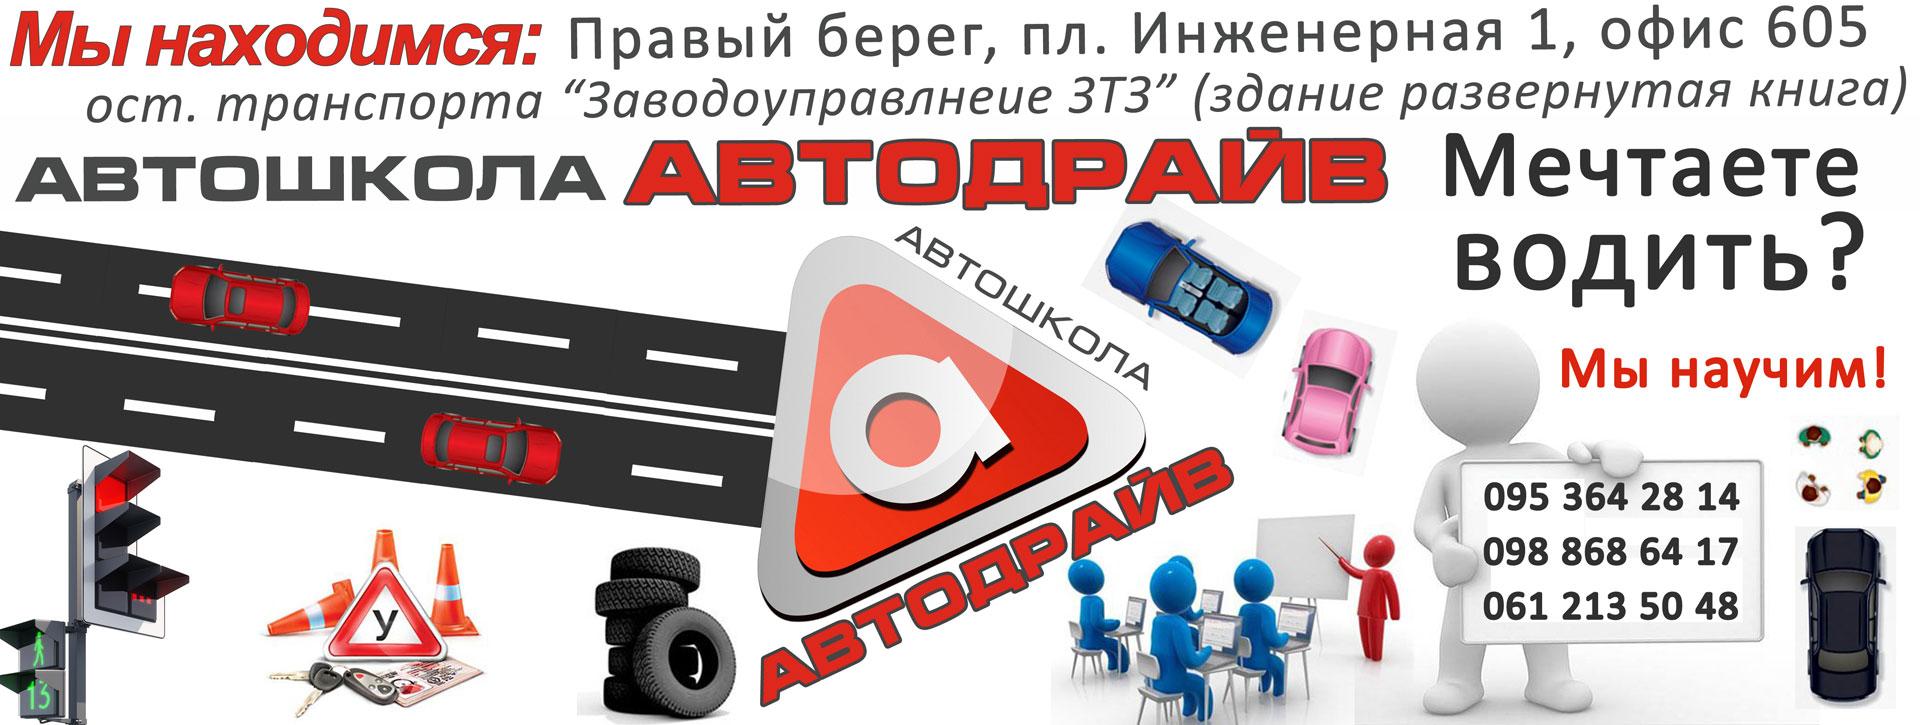 Автошкола Запорожье - Автодрайв